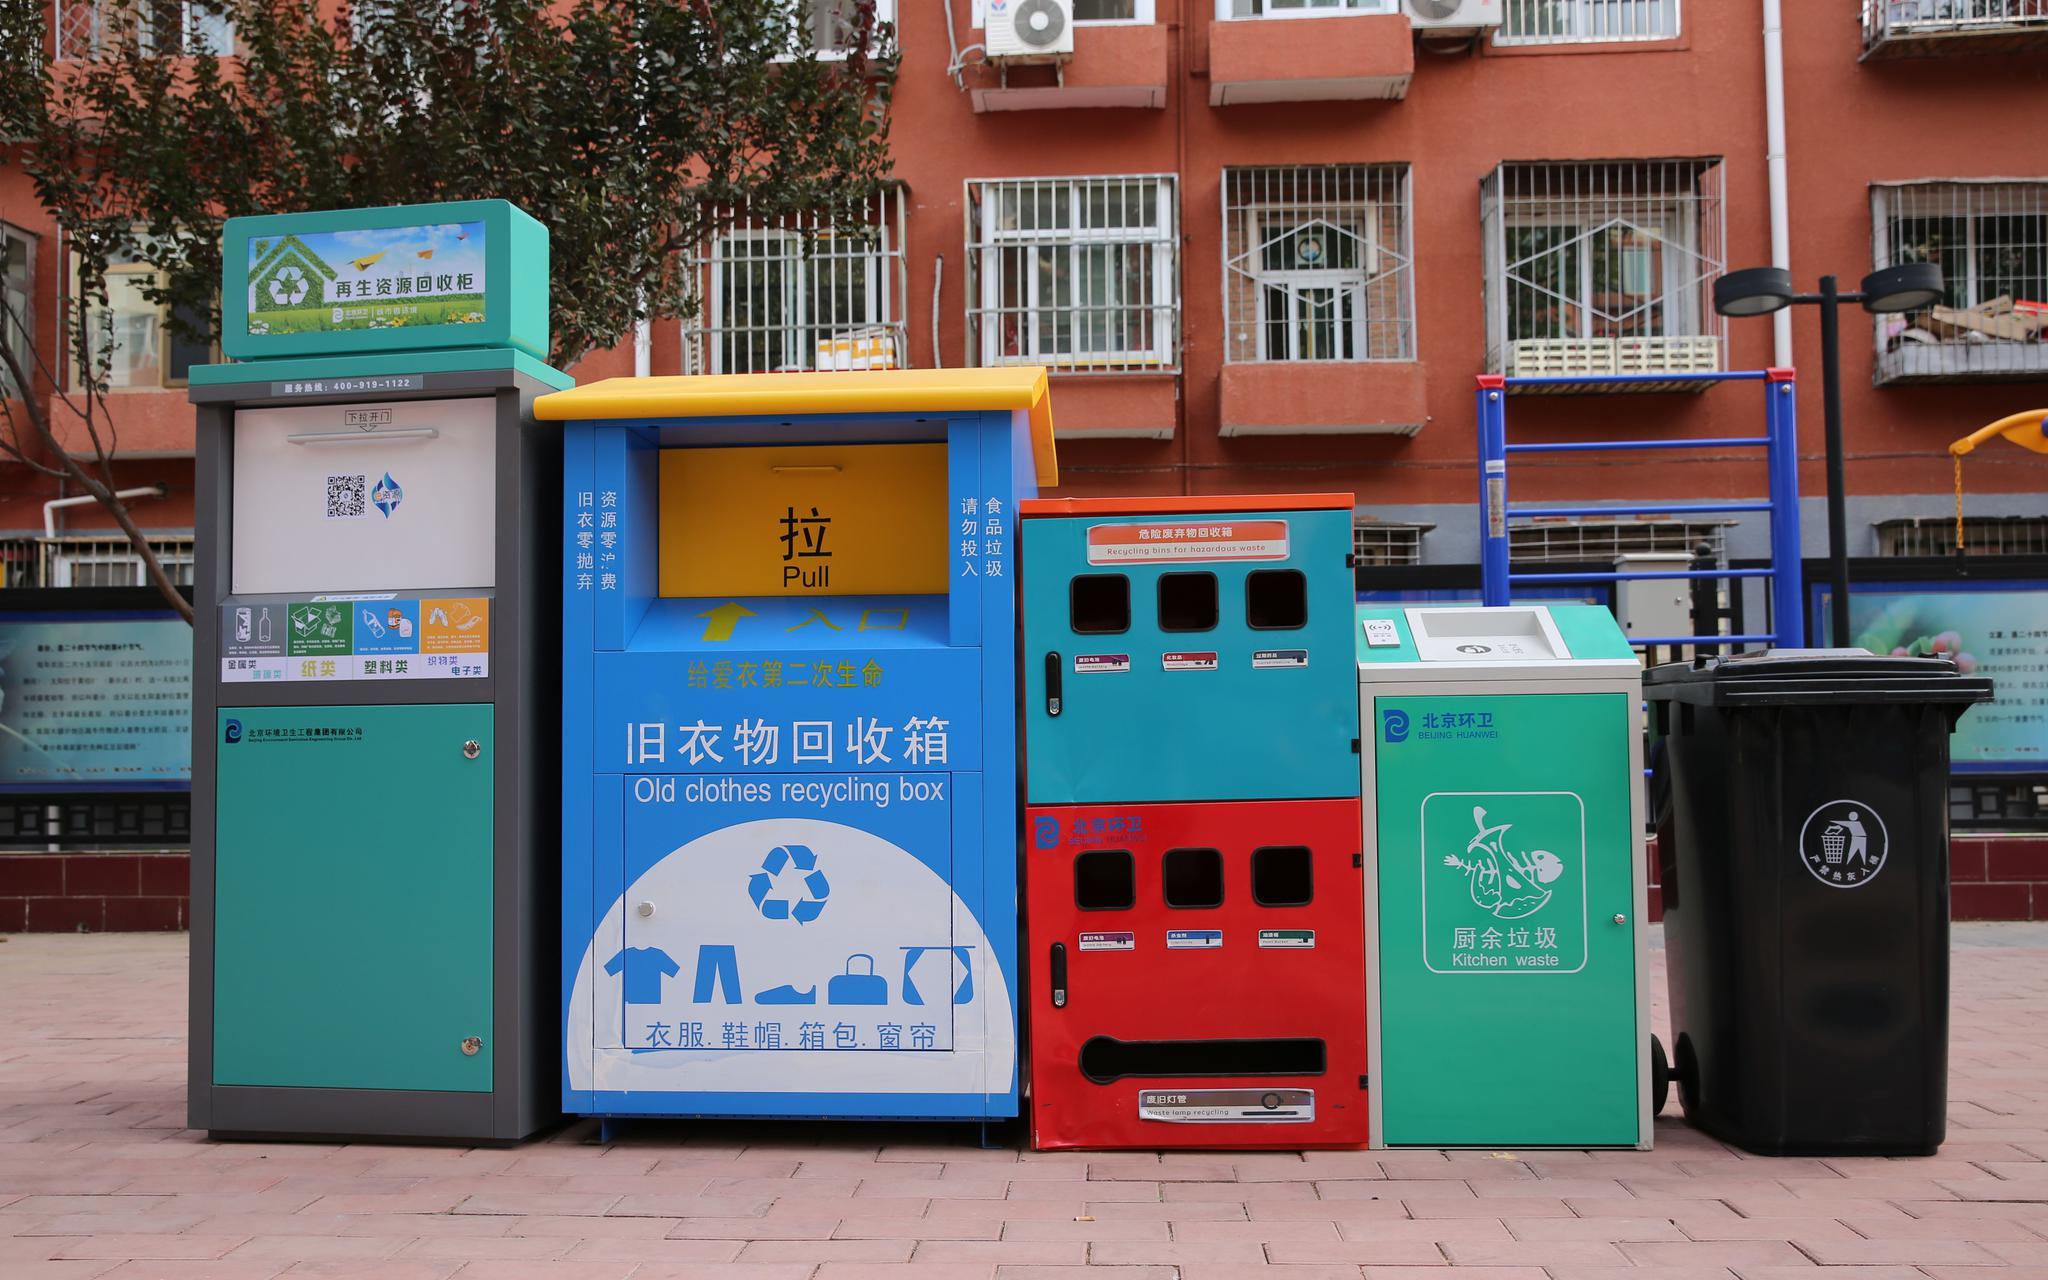 蓝冠:圾分类平谷一蓝冠小区扫码投放垃圾能换奖励图片